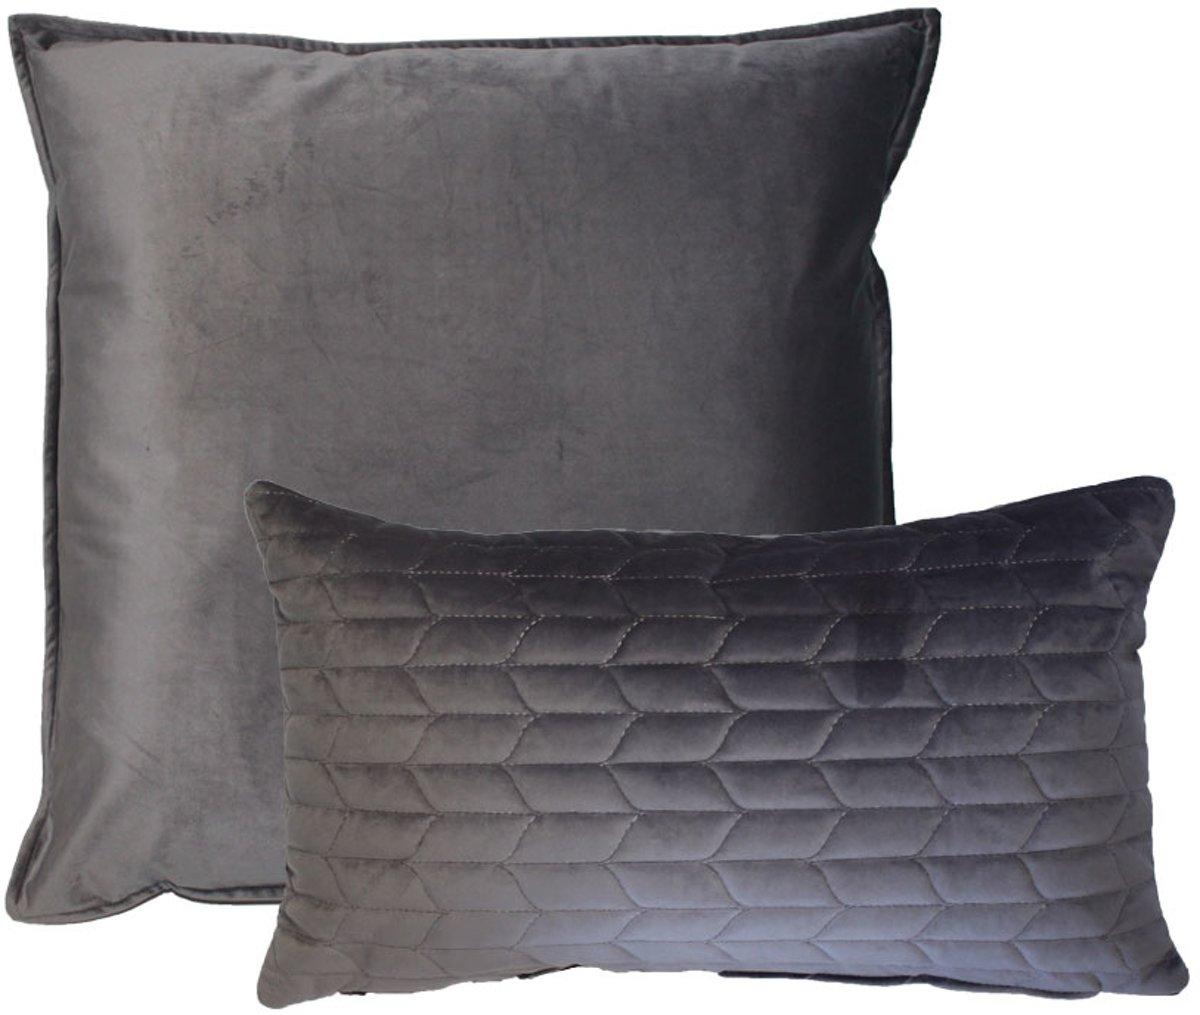 a42e368e2d1d9d https   www.bol.com nl p premium-brown-genuine-leather-strap-silver ...